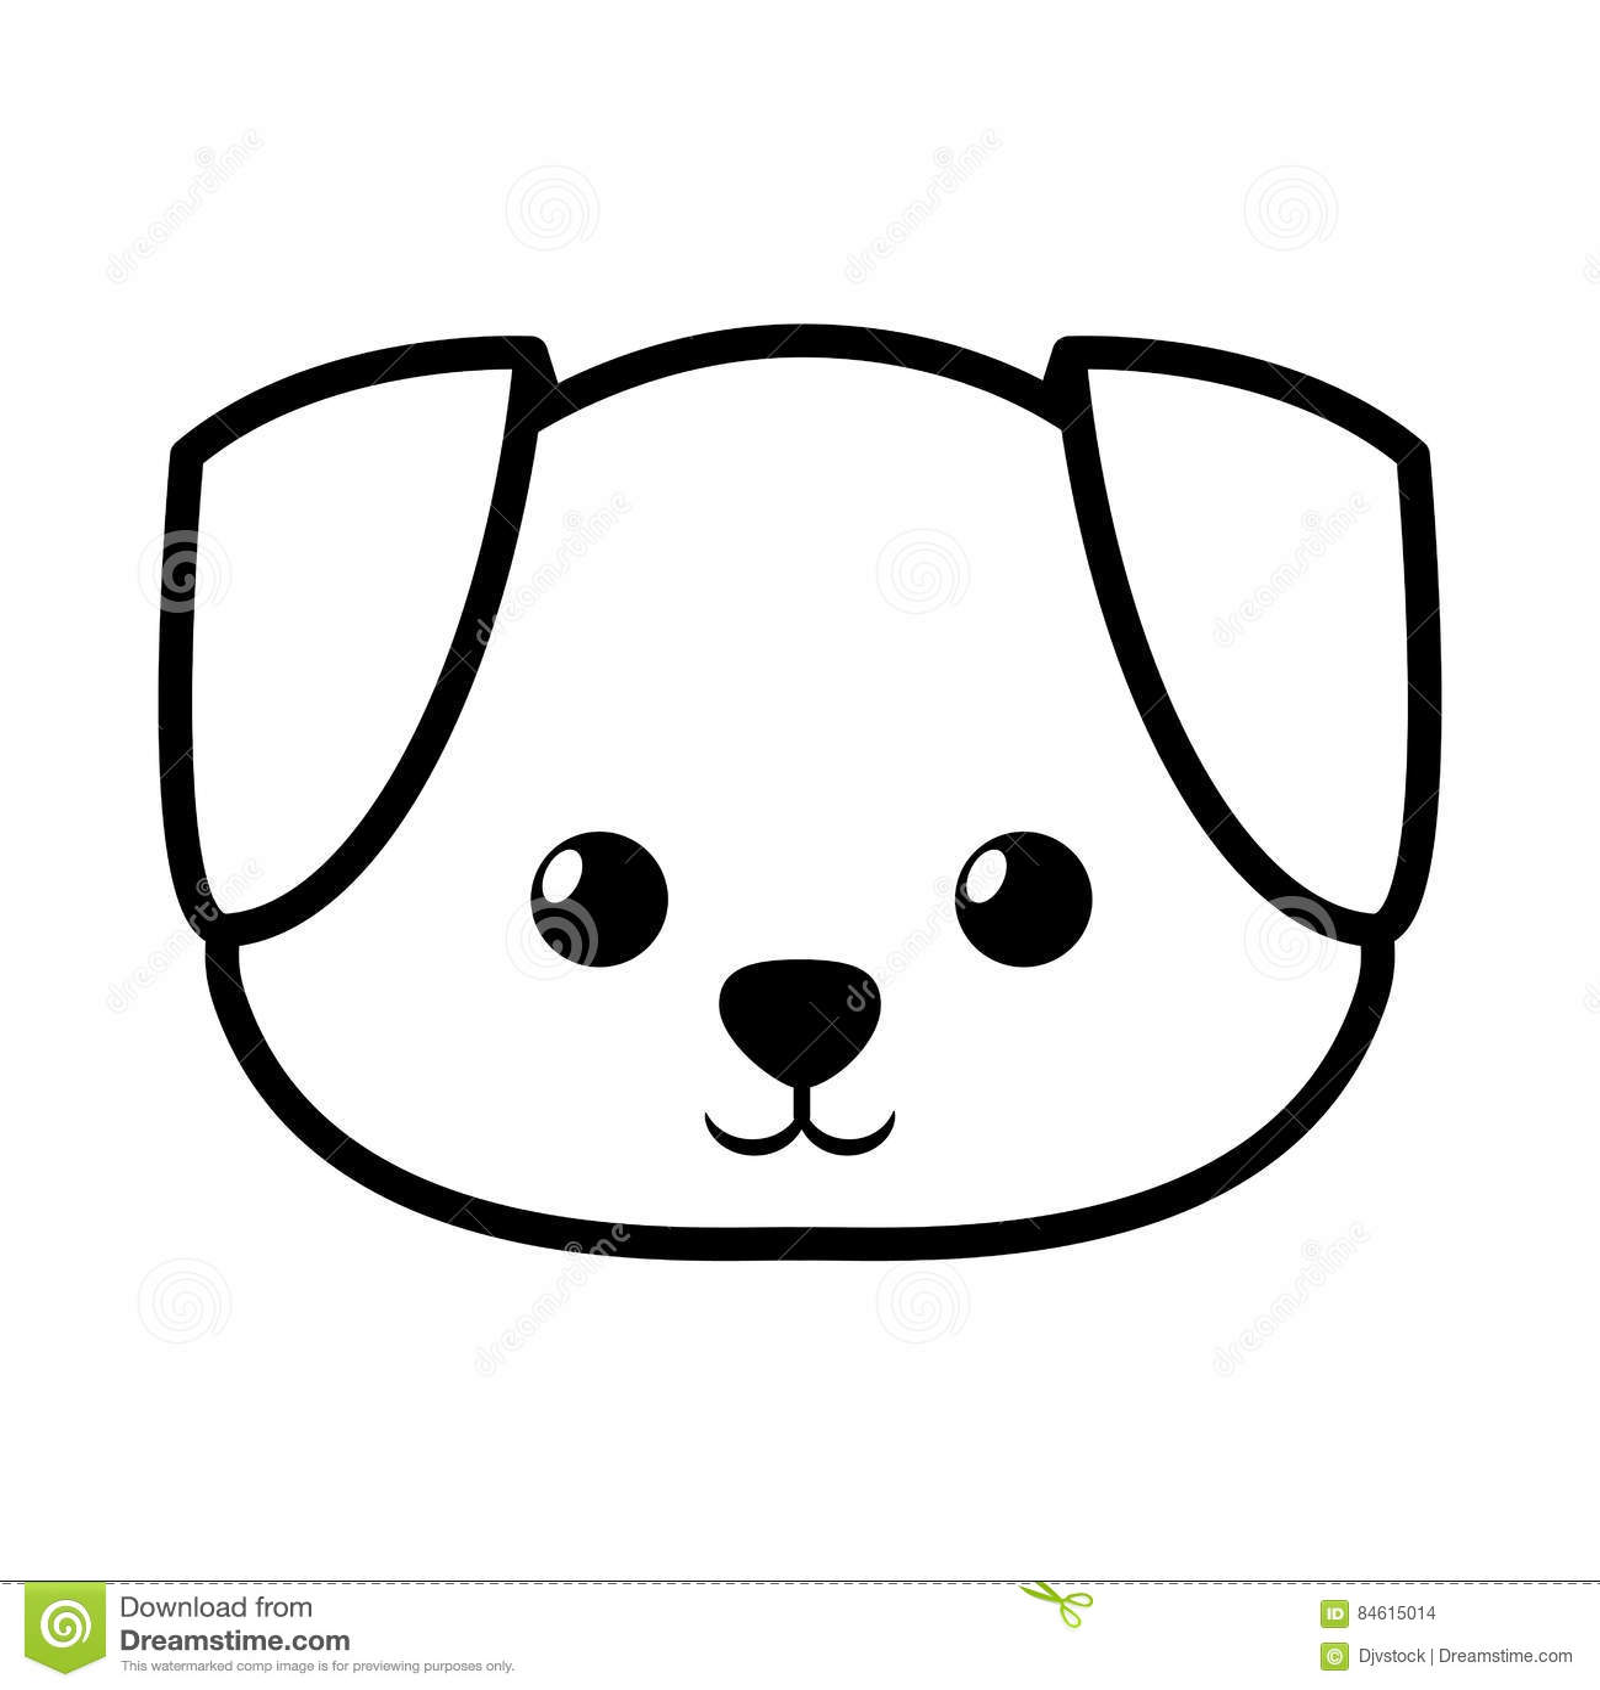 Line Drawing Of A Dog S Face : Kopek kafası çizimi sorğusuna uyğun şekilleri pulsuz yükle